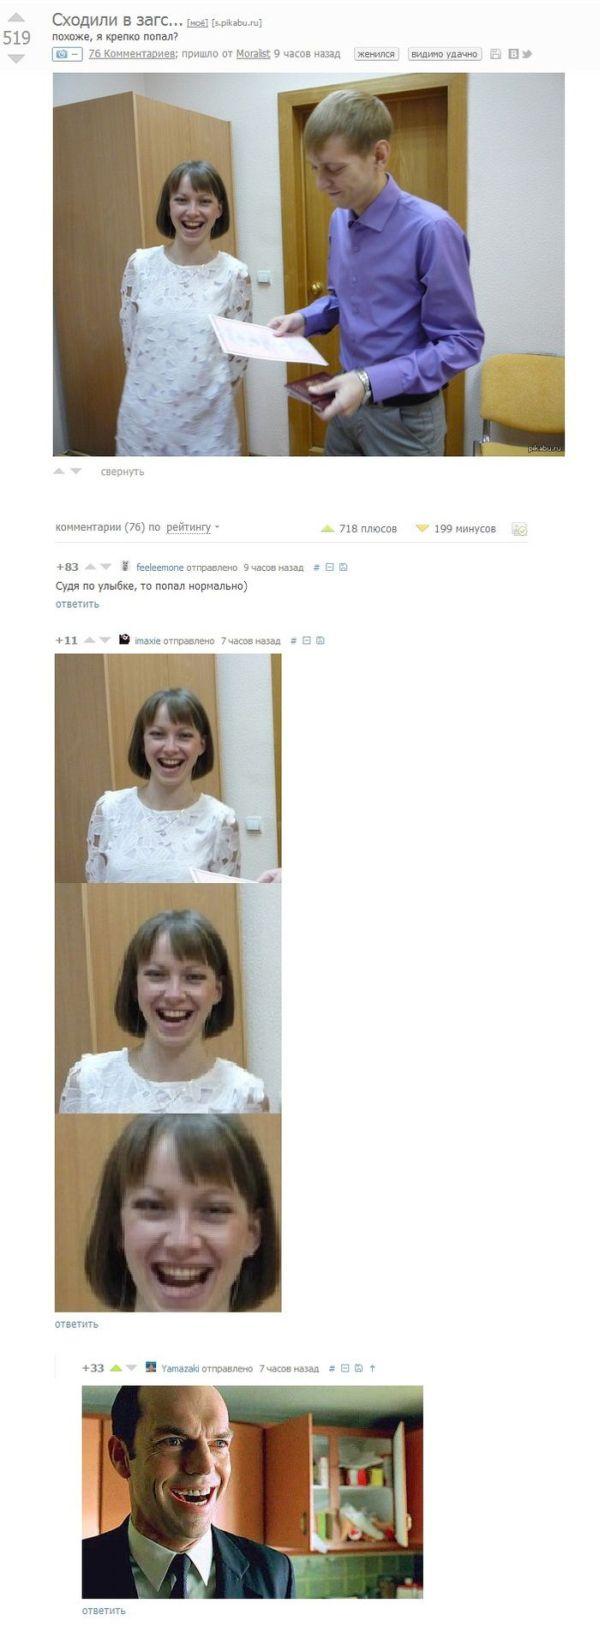 Смешные комментарии из социальных сетей. Часть 17 (34 скриншота)